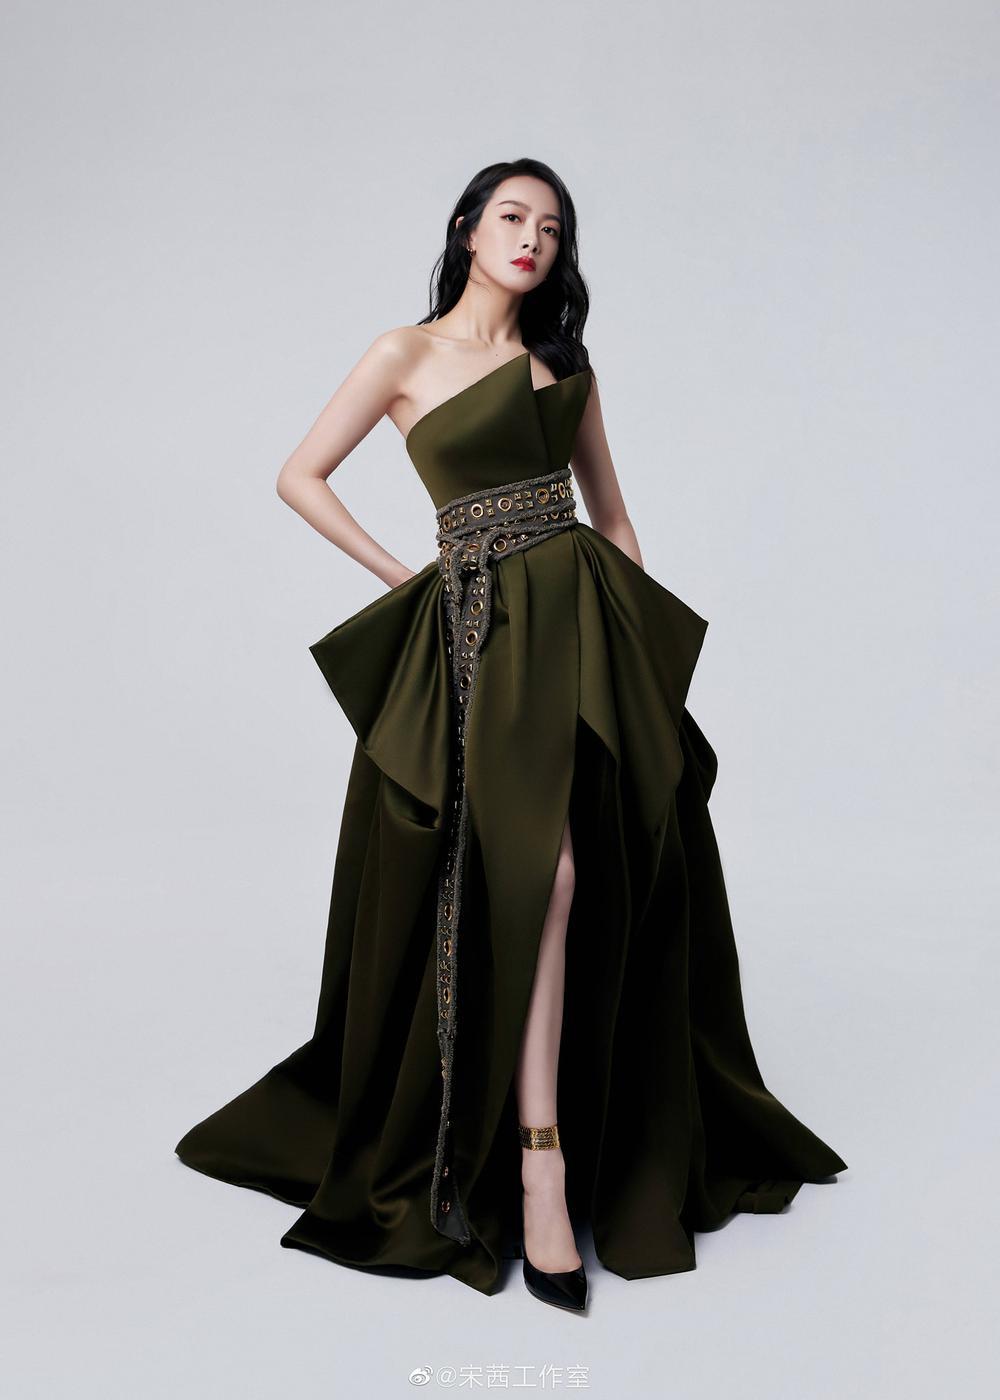 """Dương Tử """"nắm tay"""" Tống Thiến lọt top sao nữ mặc xấu, lùm xùm nhất tại Đêm hội BAZAAR Ảnh 9"""